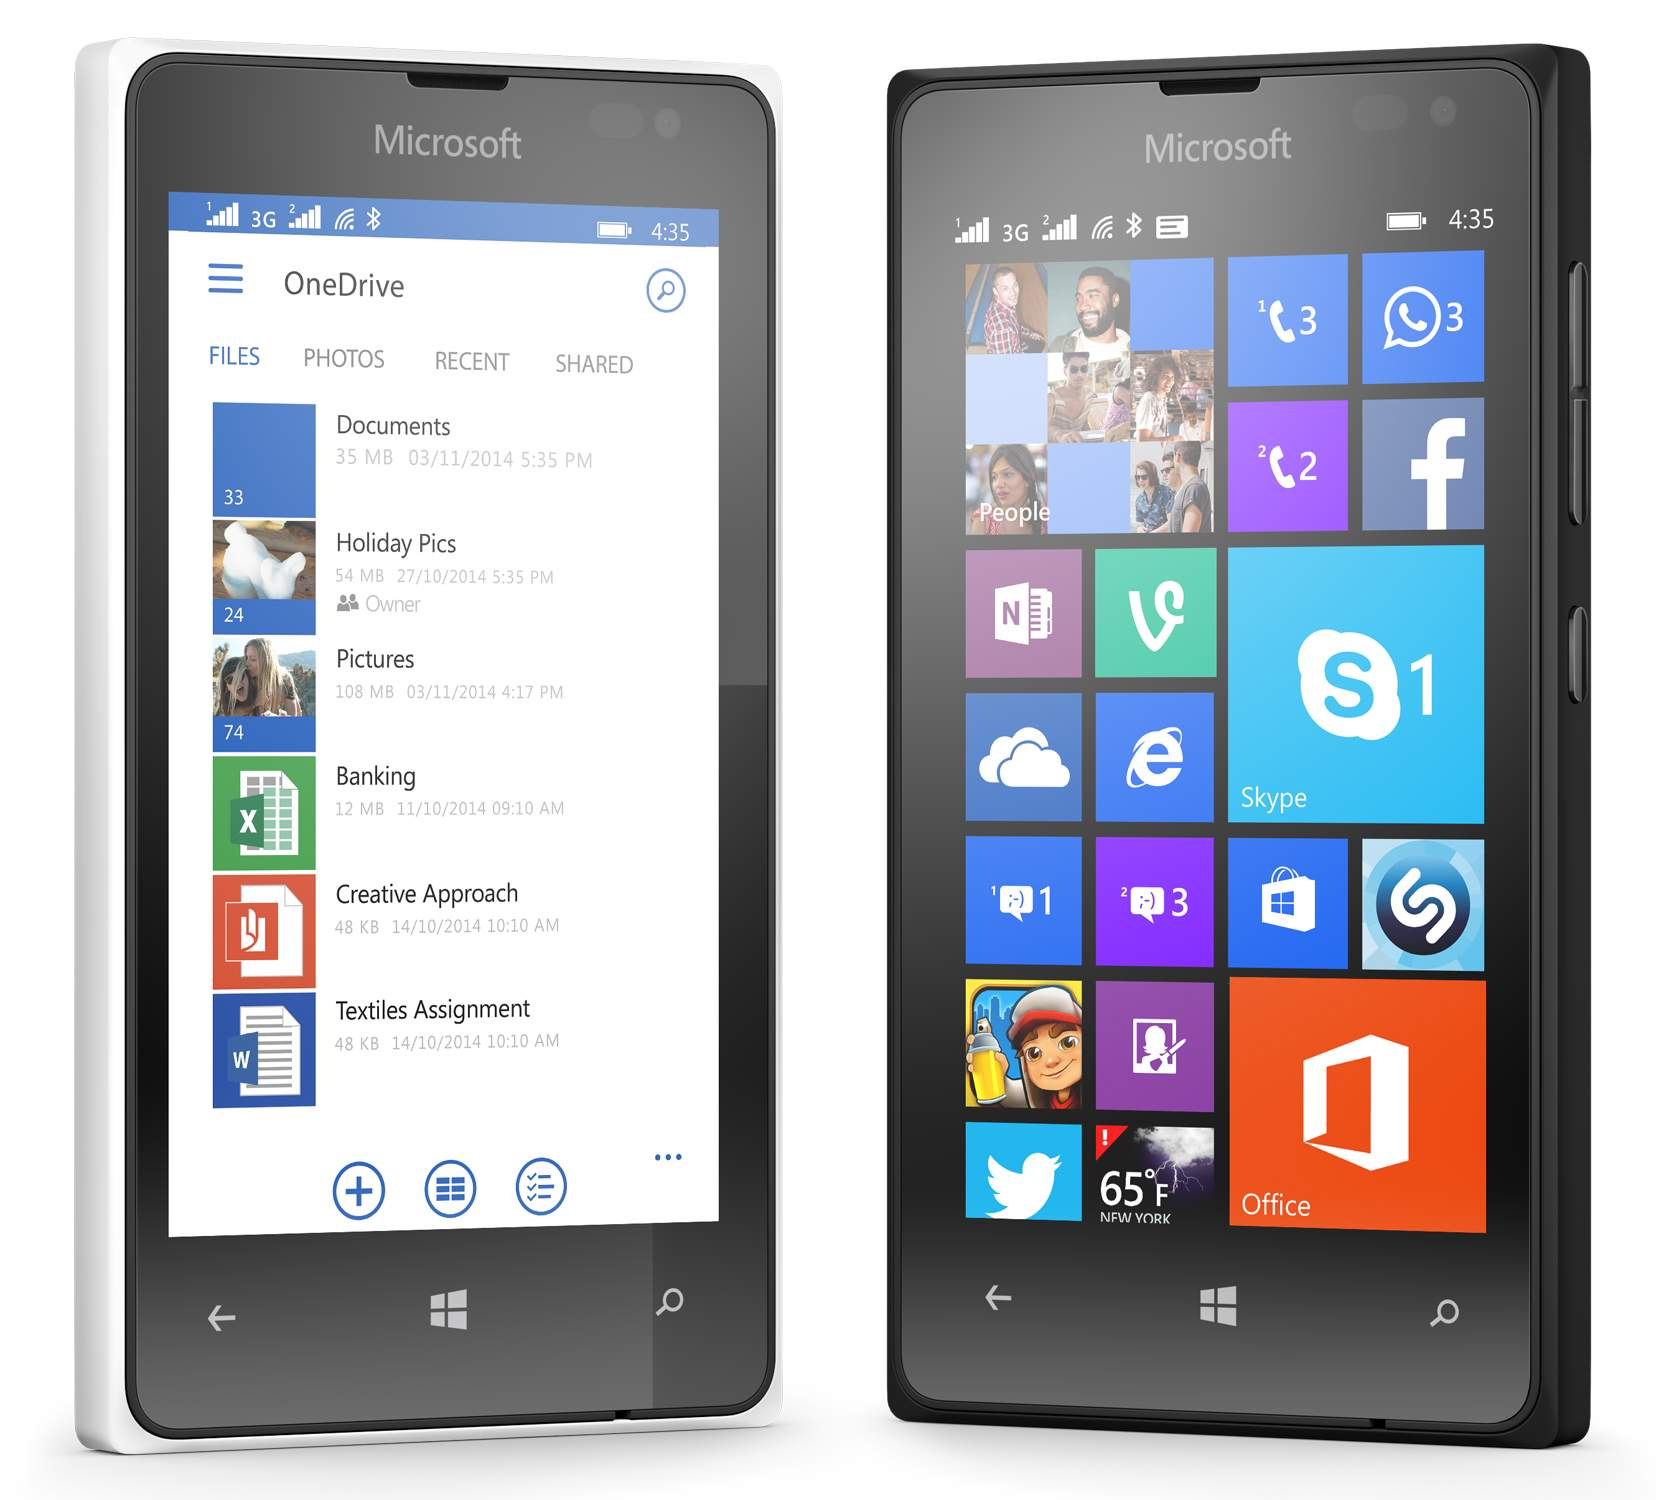 Galau PilihMicrosoft Lumia 435 atau Lumia 532? Cek Perbandingannya di Sini!